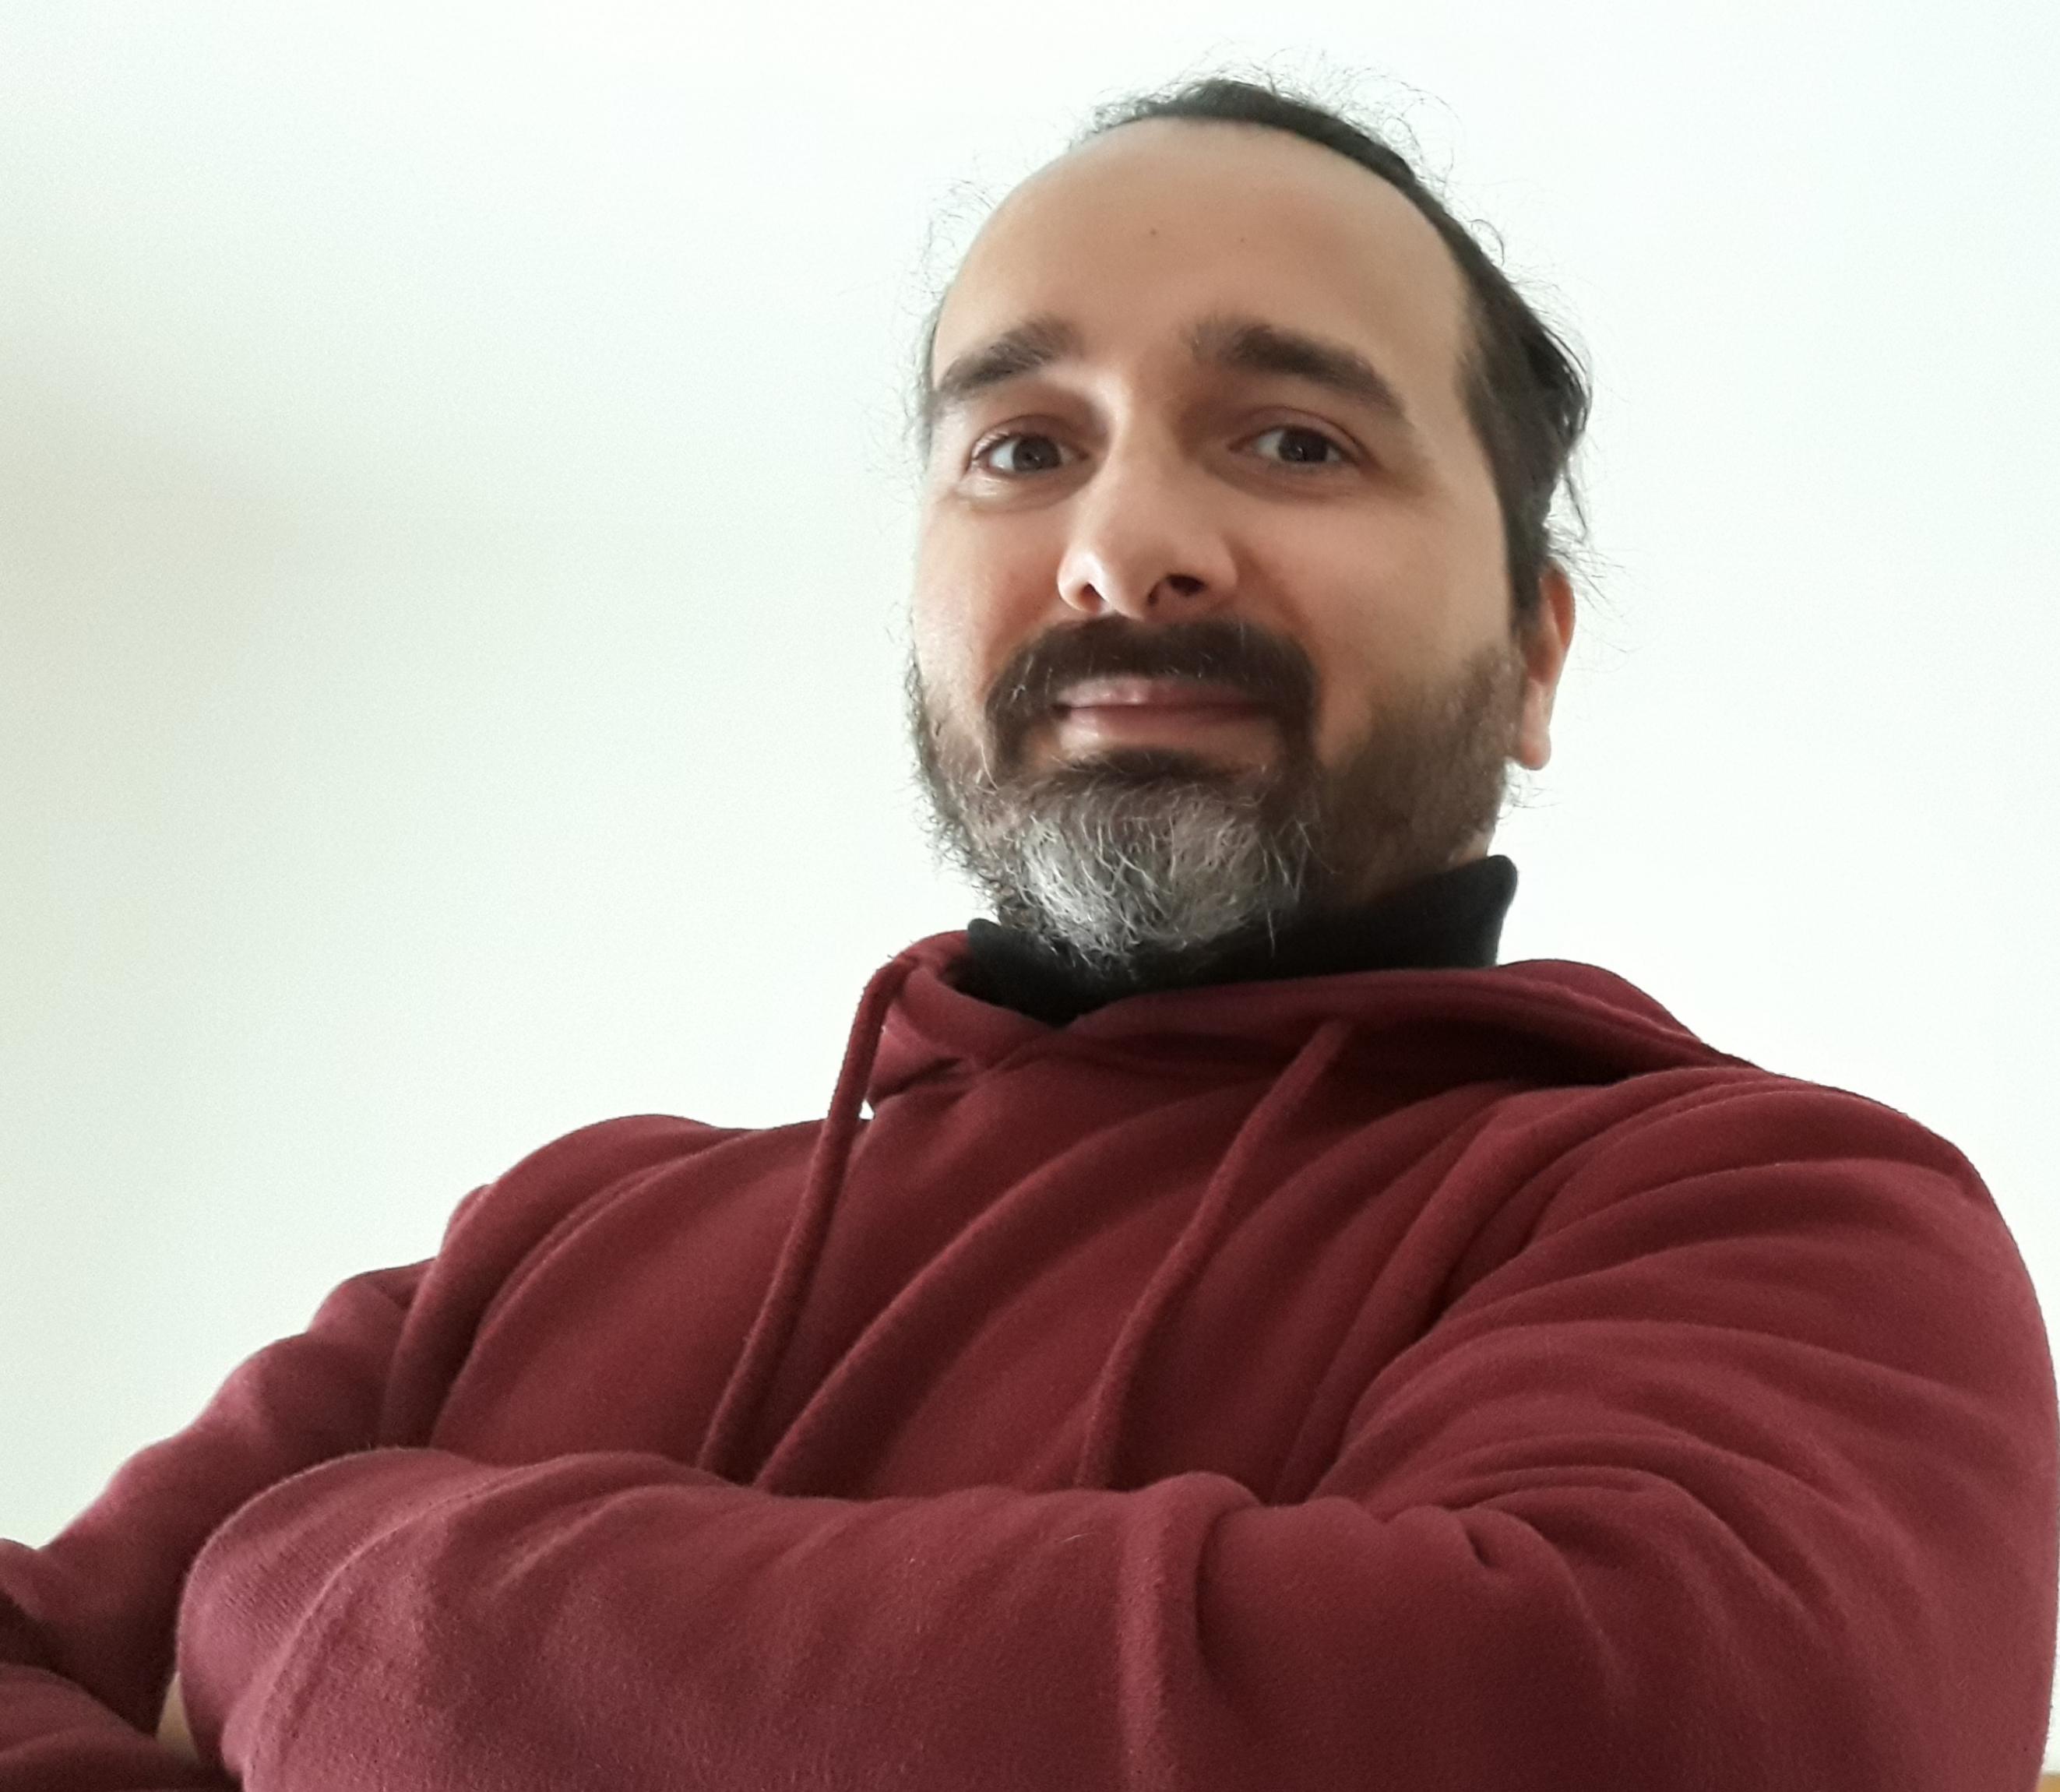 Giorgio Benzi